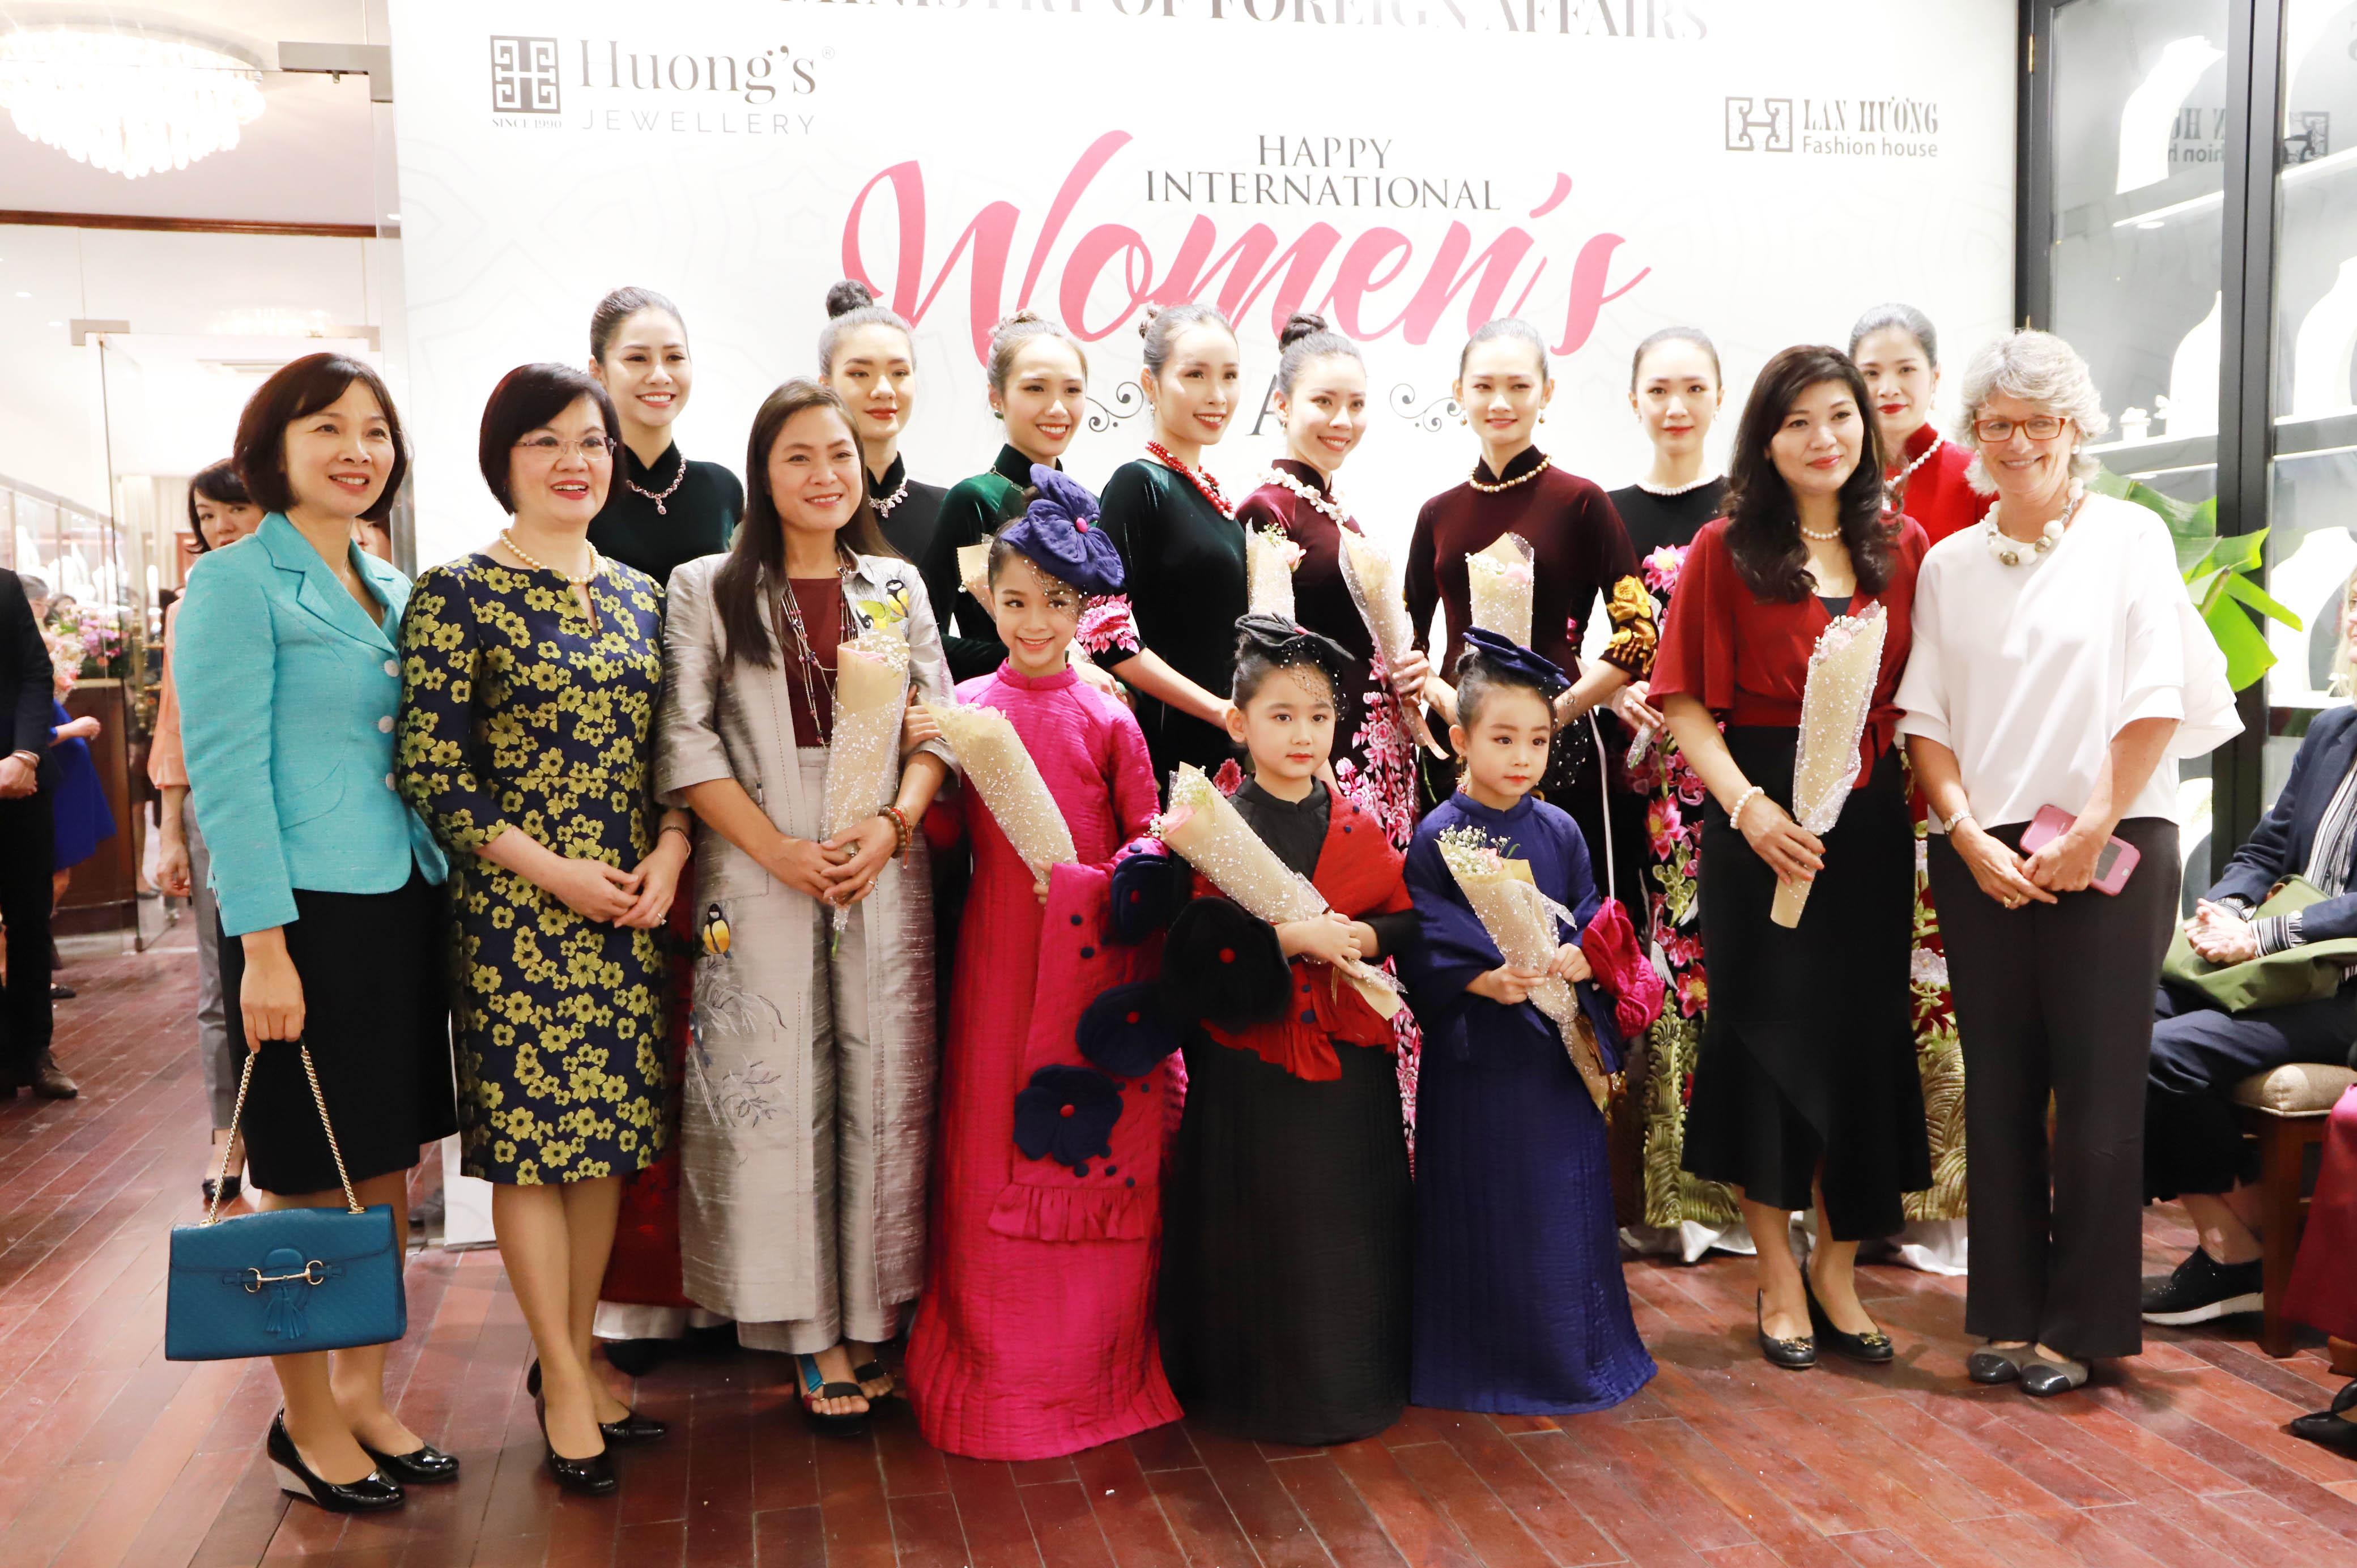 """""""Trong dư âm tháng 3 của Ngày Quốc tế phụ nữ, những phụ nữ hoạt động ngoại giao có dịp gắn kết sâu sắc hơn, cảm thông nhiều hơn. Đây cũng là dịp để chúng tôi học hỏi các chính sách bình đẳng giới của bạn bè quốc tế nhưng cần phải sáng tạo hơn trong thời đại công nghệ số. Qua đó, phụ nữ Việt Nam cần vươn lên, tự tin hơn, có năng lực thích ứng với sự thay đổi thế giới. Sự xuất hiện của hai nhà thiết kế đã đem cái đẹp từ các tác phẩm thời trang đến với bạn bè thế giới"""", Đại sứ Nguyệt Nga chia sẻ."""